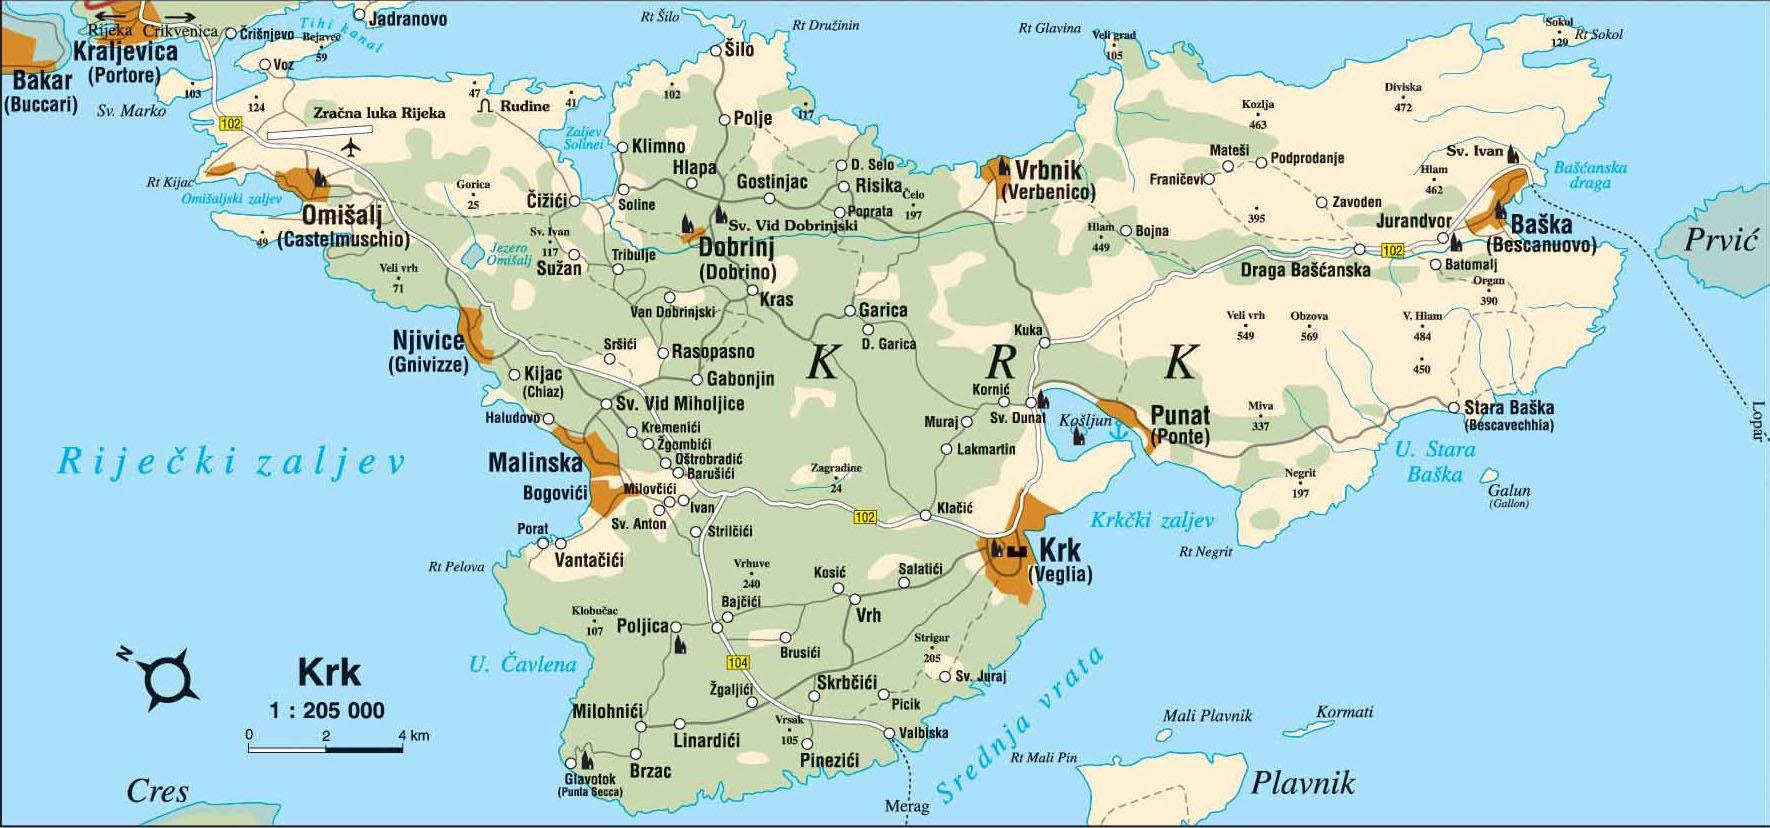 krk sziget térkép Krk sziget, Krk, Baška, Malinska, Horvátország, Szállás, Apartman  krk sziget térkép